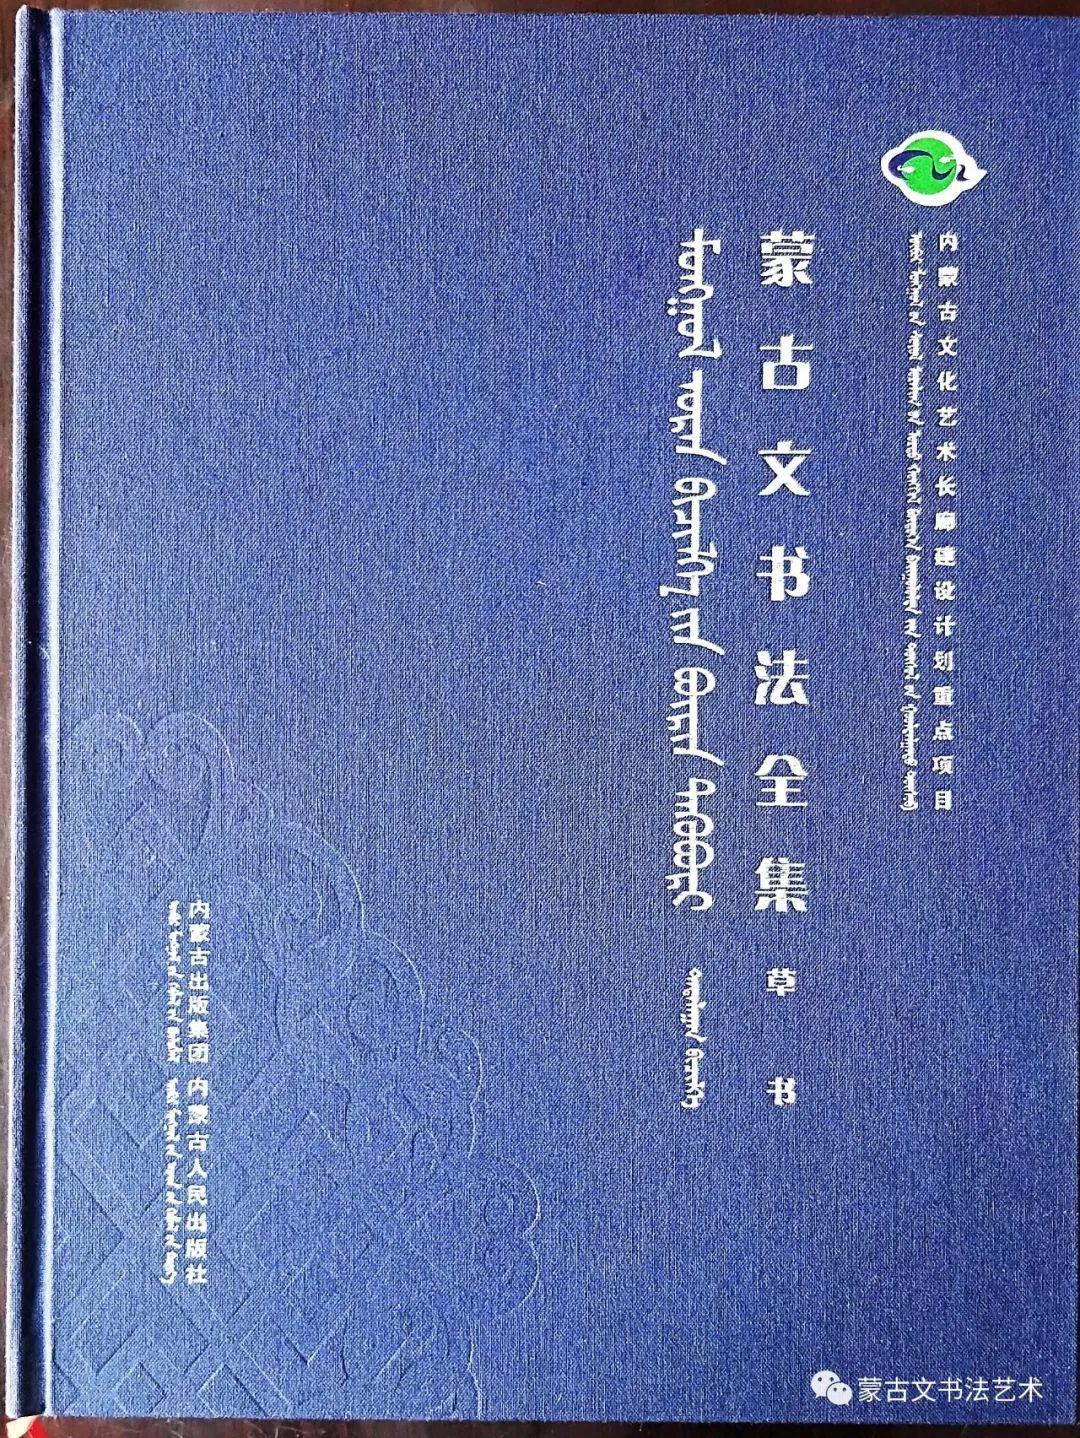 蒙古文书法全集 第16张 蒙古文书法全集 蒙古书法